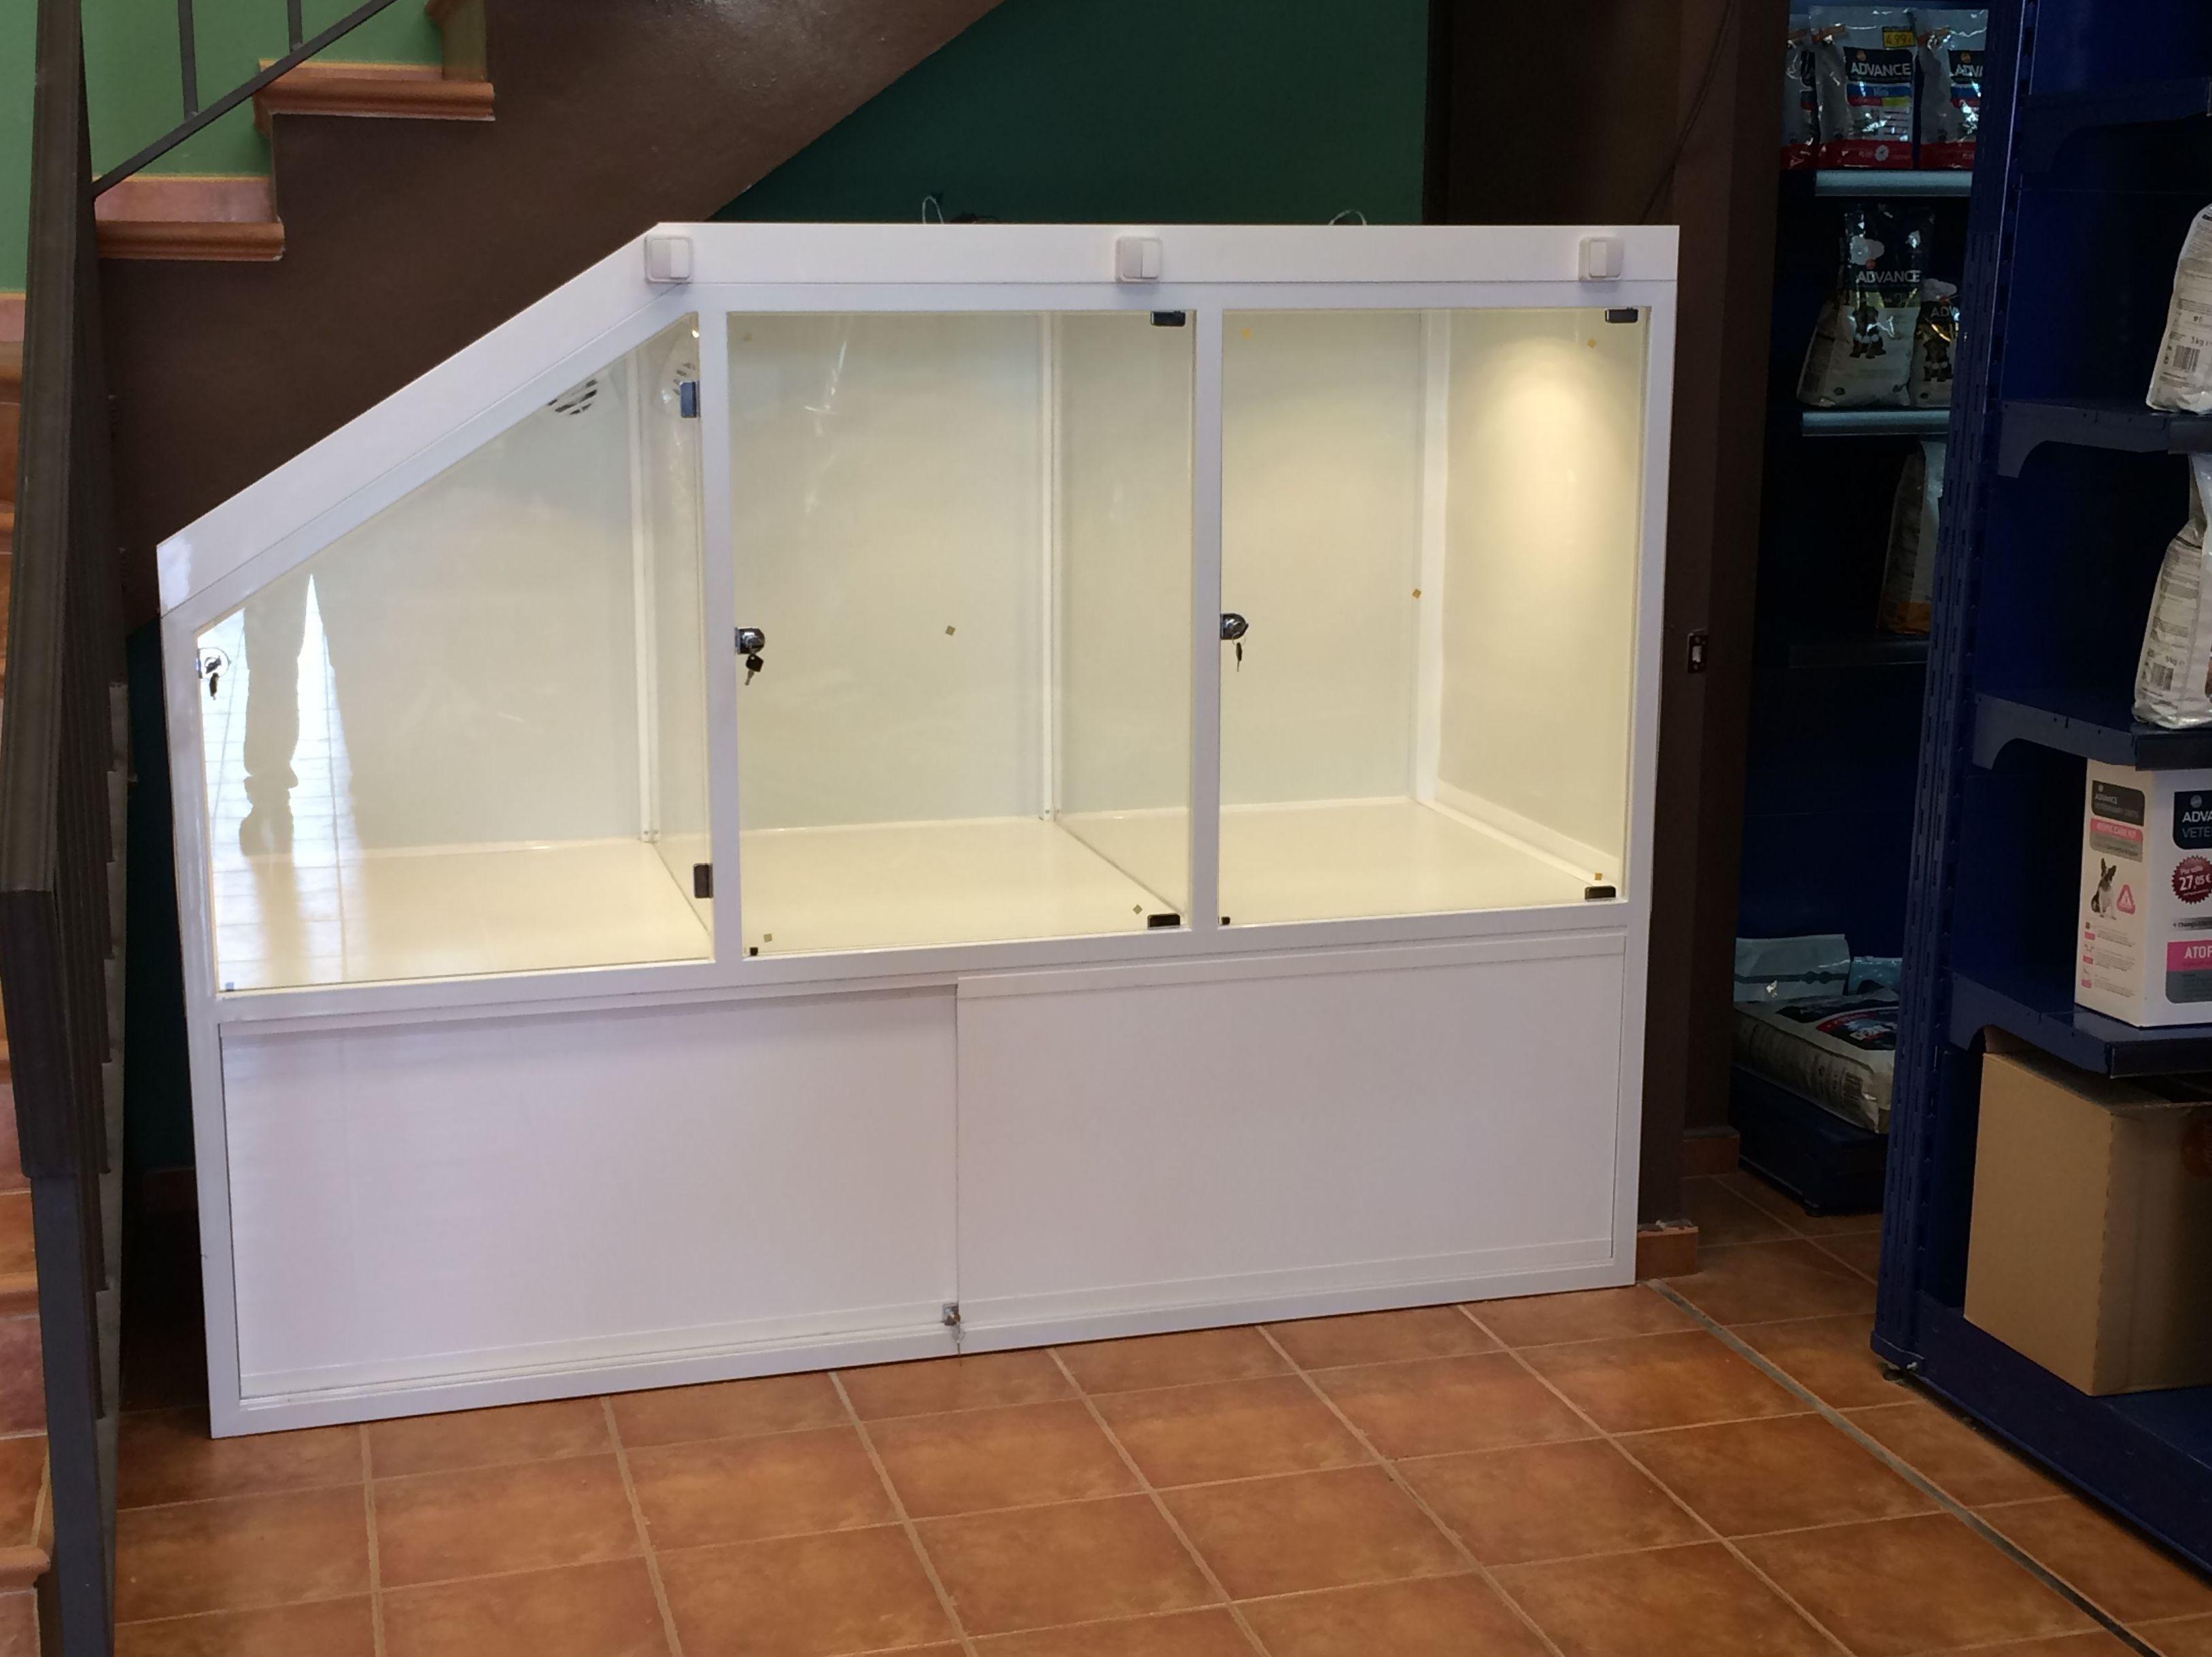 Expositor para tienda de animales de hierro con puertas de vidrio